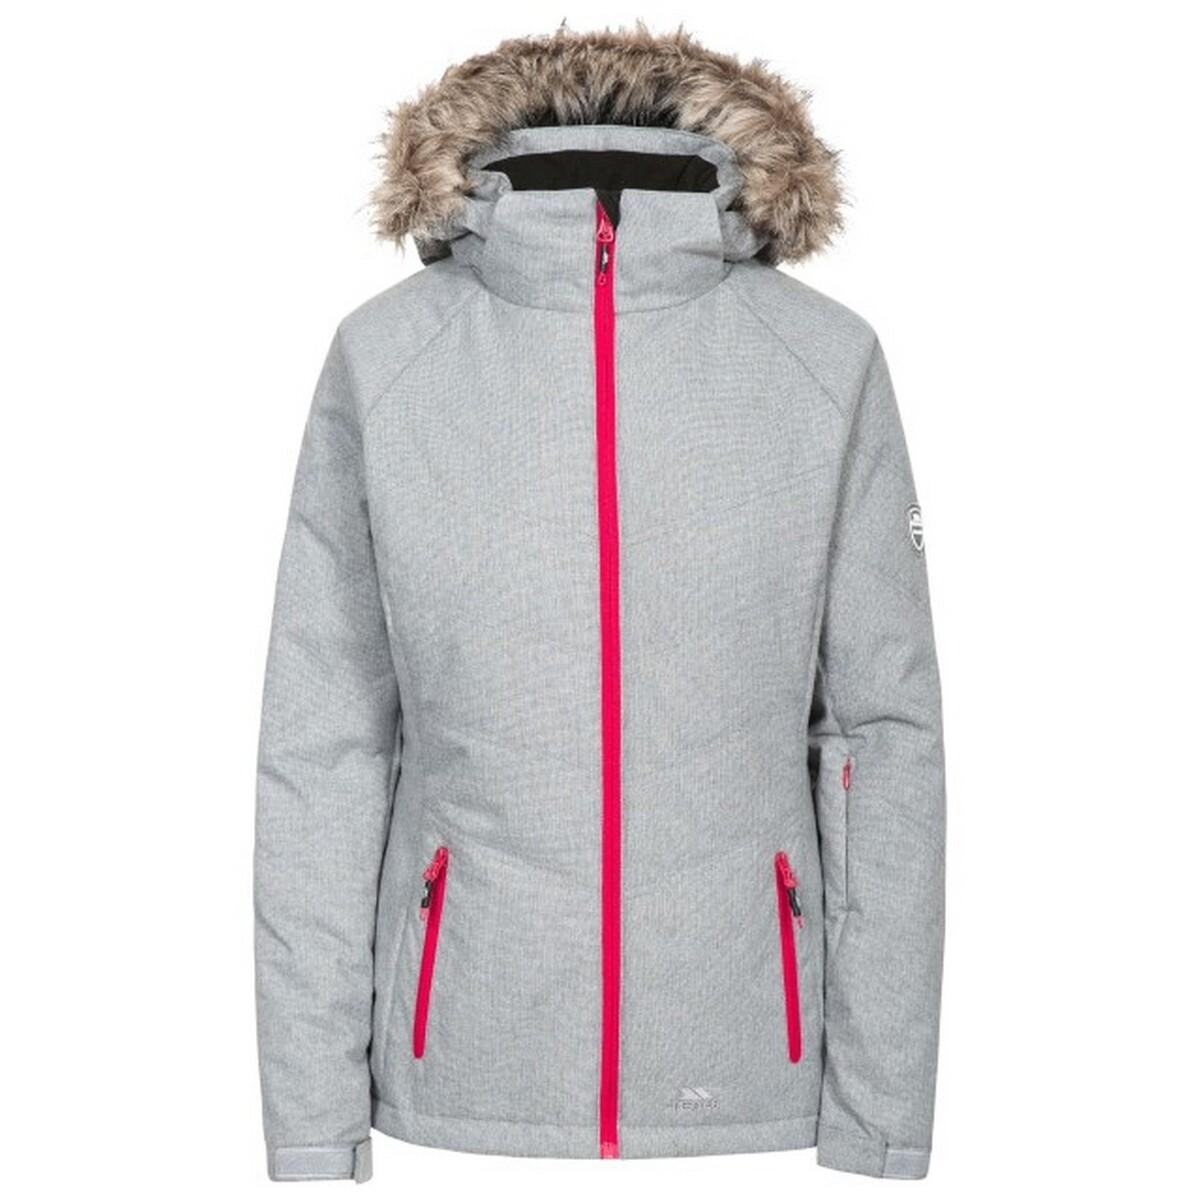 スノボ パーカジャケット 防水 ジャンパー スノージャケット (トレスパス) Trespass レディース Always スキーウェア ジャケット アウター 【海外直送】